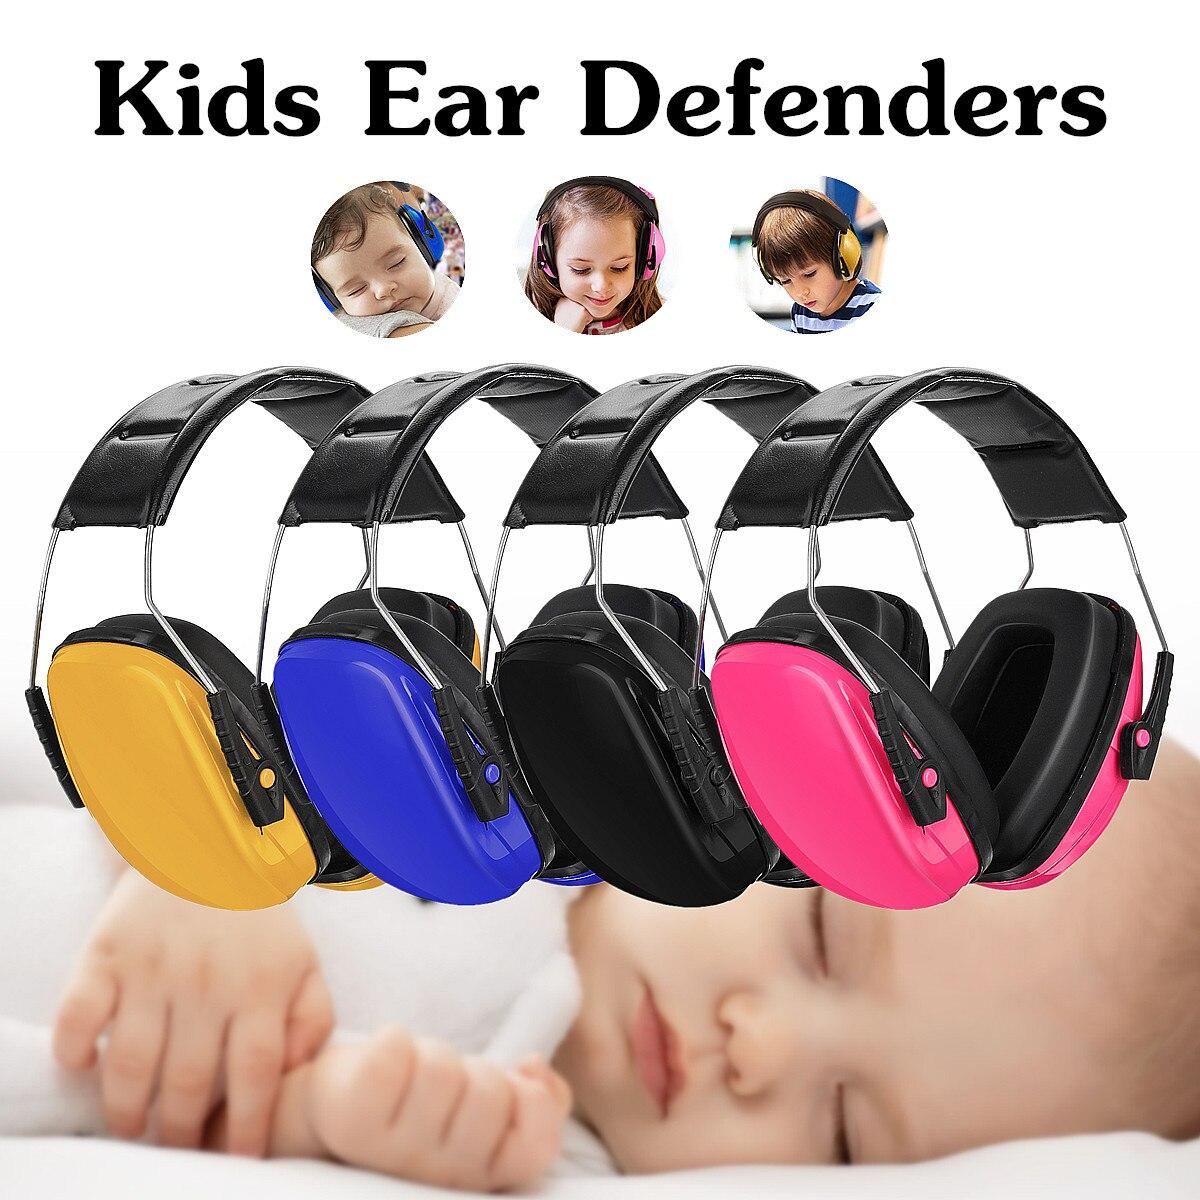 Kinder Kind Baby Ohrenschützer Gehörschutz Verteidiger Noise Reduktion Sicherheit PVC + Schwamm Gelb/Blau/Rosa/ schwarz Einstellbar